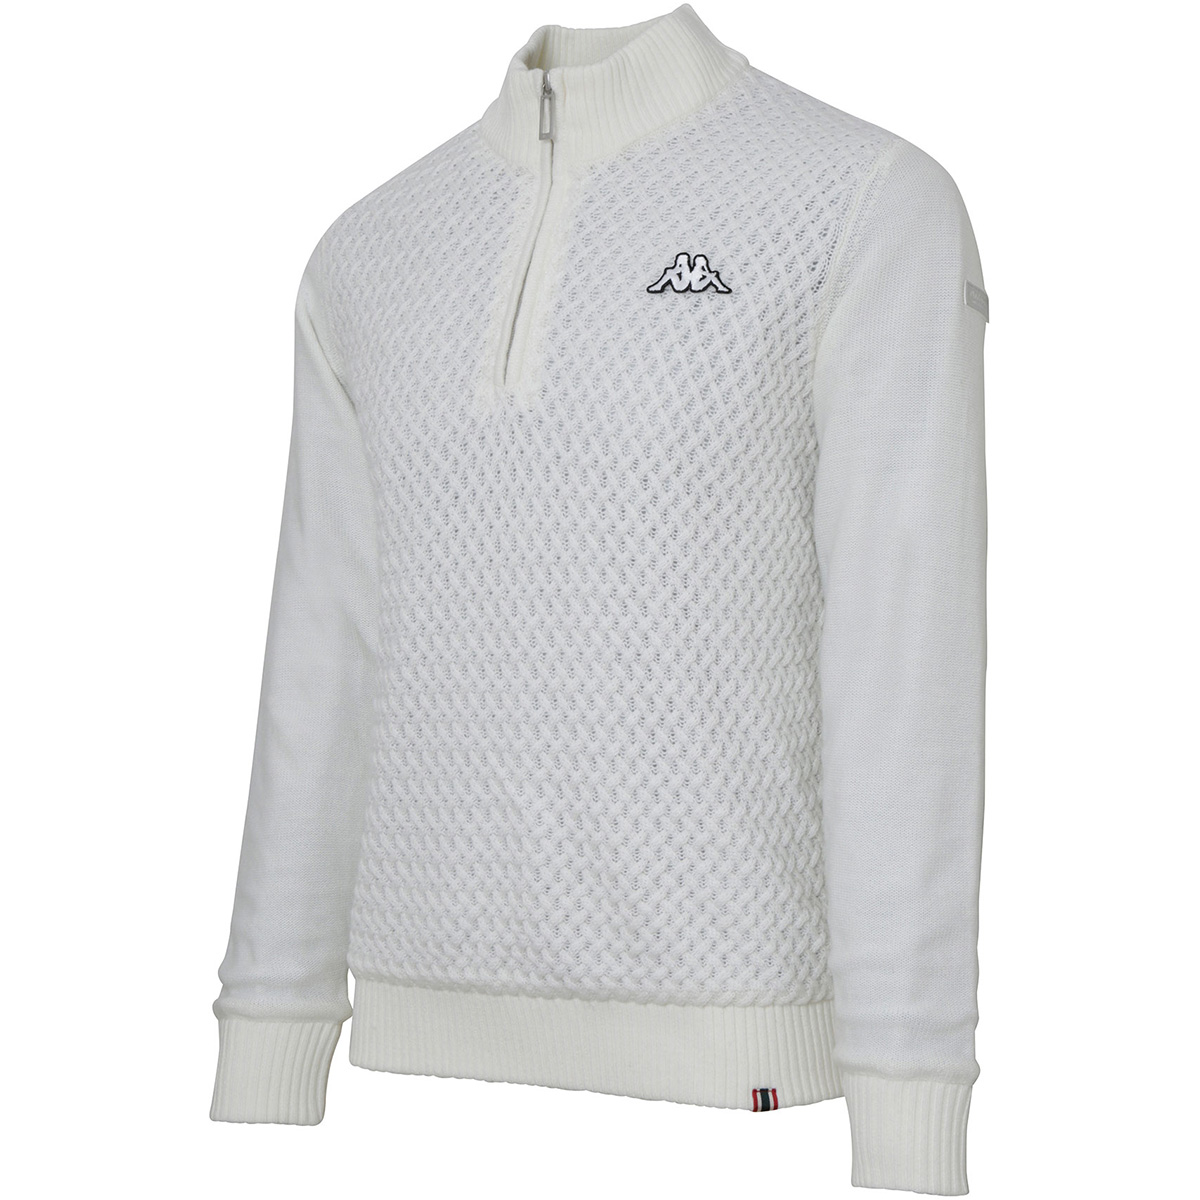 Collezione Italia 防風裏地付ハーフジップセーター